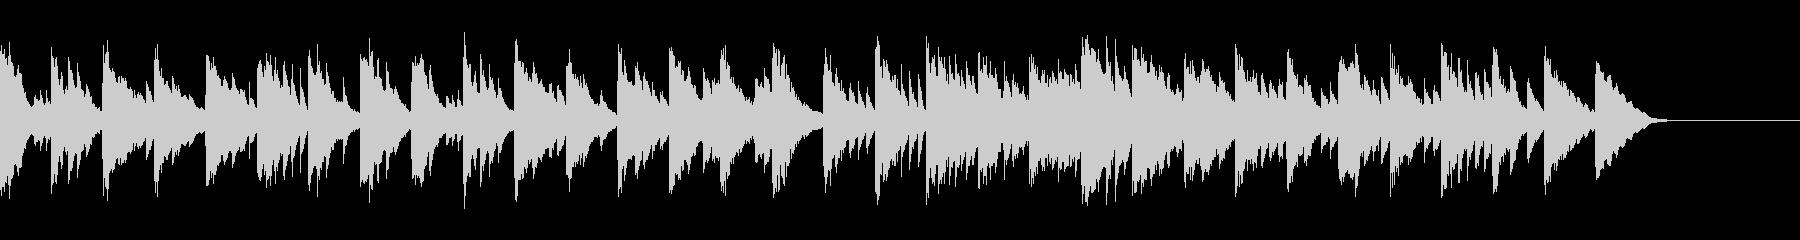 ピアノソロ/CM向け、透明で綺麗な水の未再生の波形